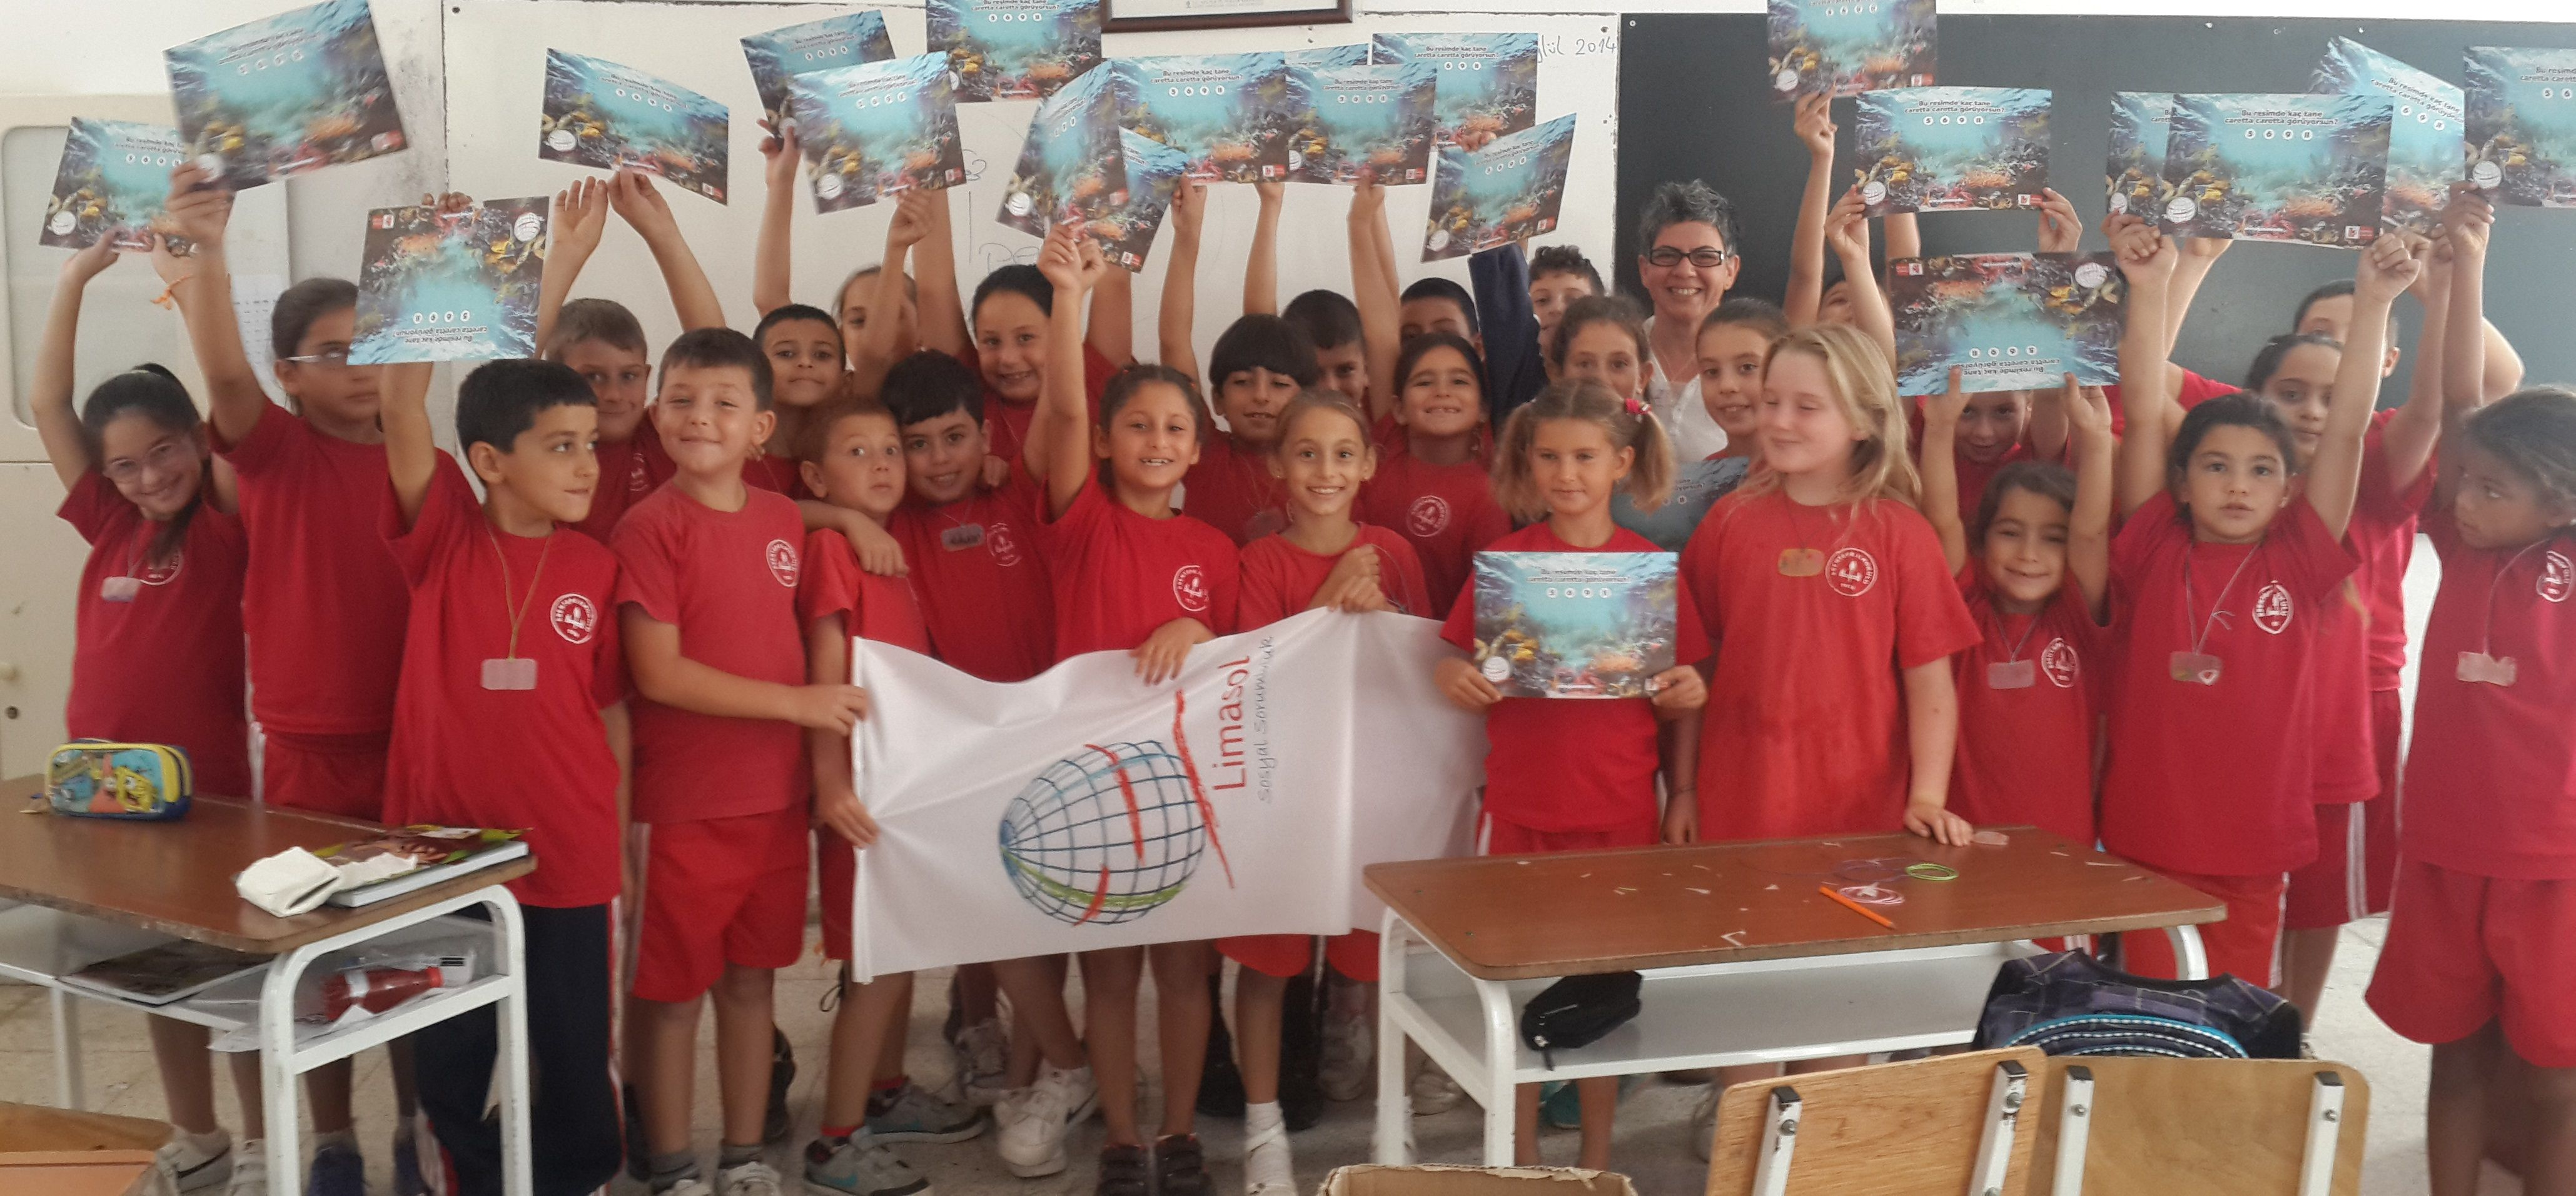 Girne Kalesine Hazırlık Esentepe İlkokulu Öğrencileri ile Tanışma